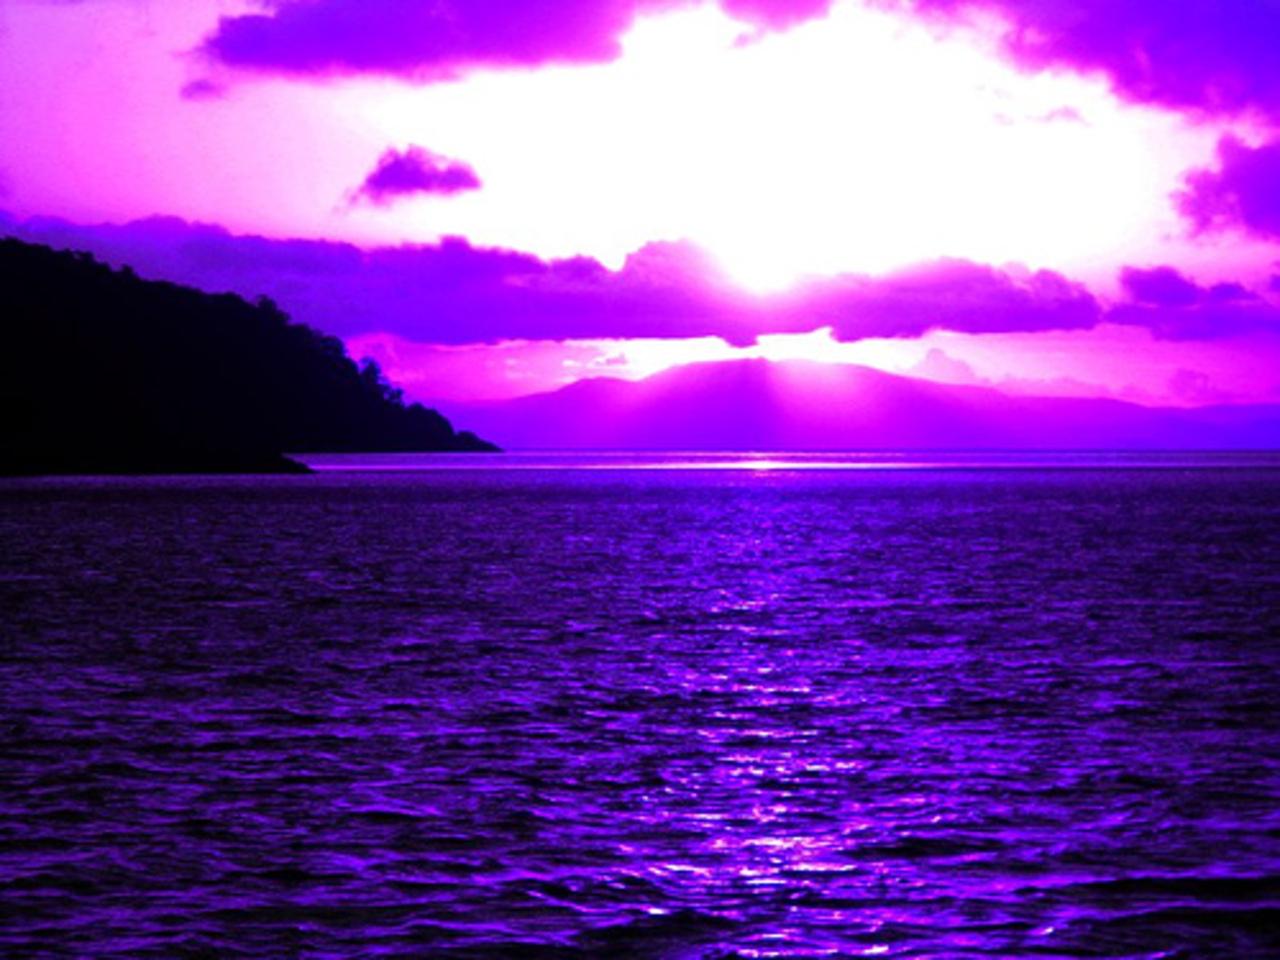 Pink Beach Sunset Wallpaper: Purple And Pink Sunset Wallpaper